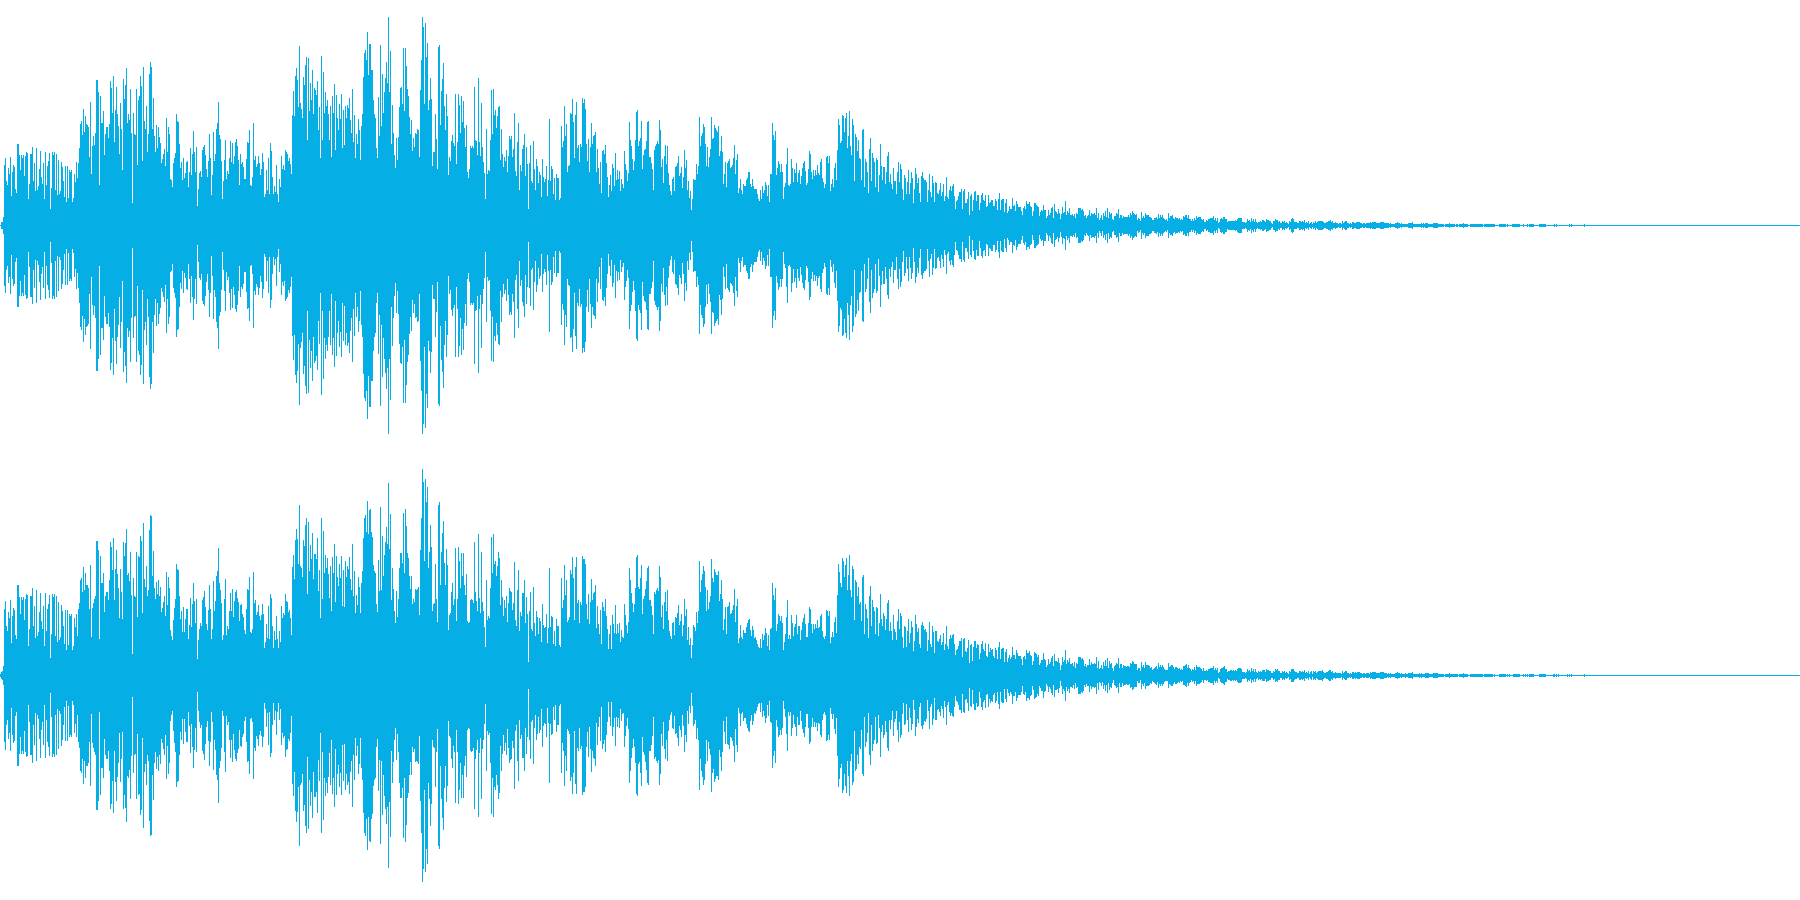 テレレレレン↑ 琴 上昇の再生済みの波形